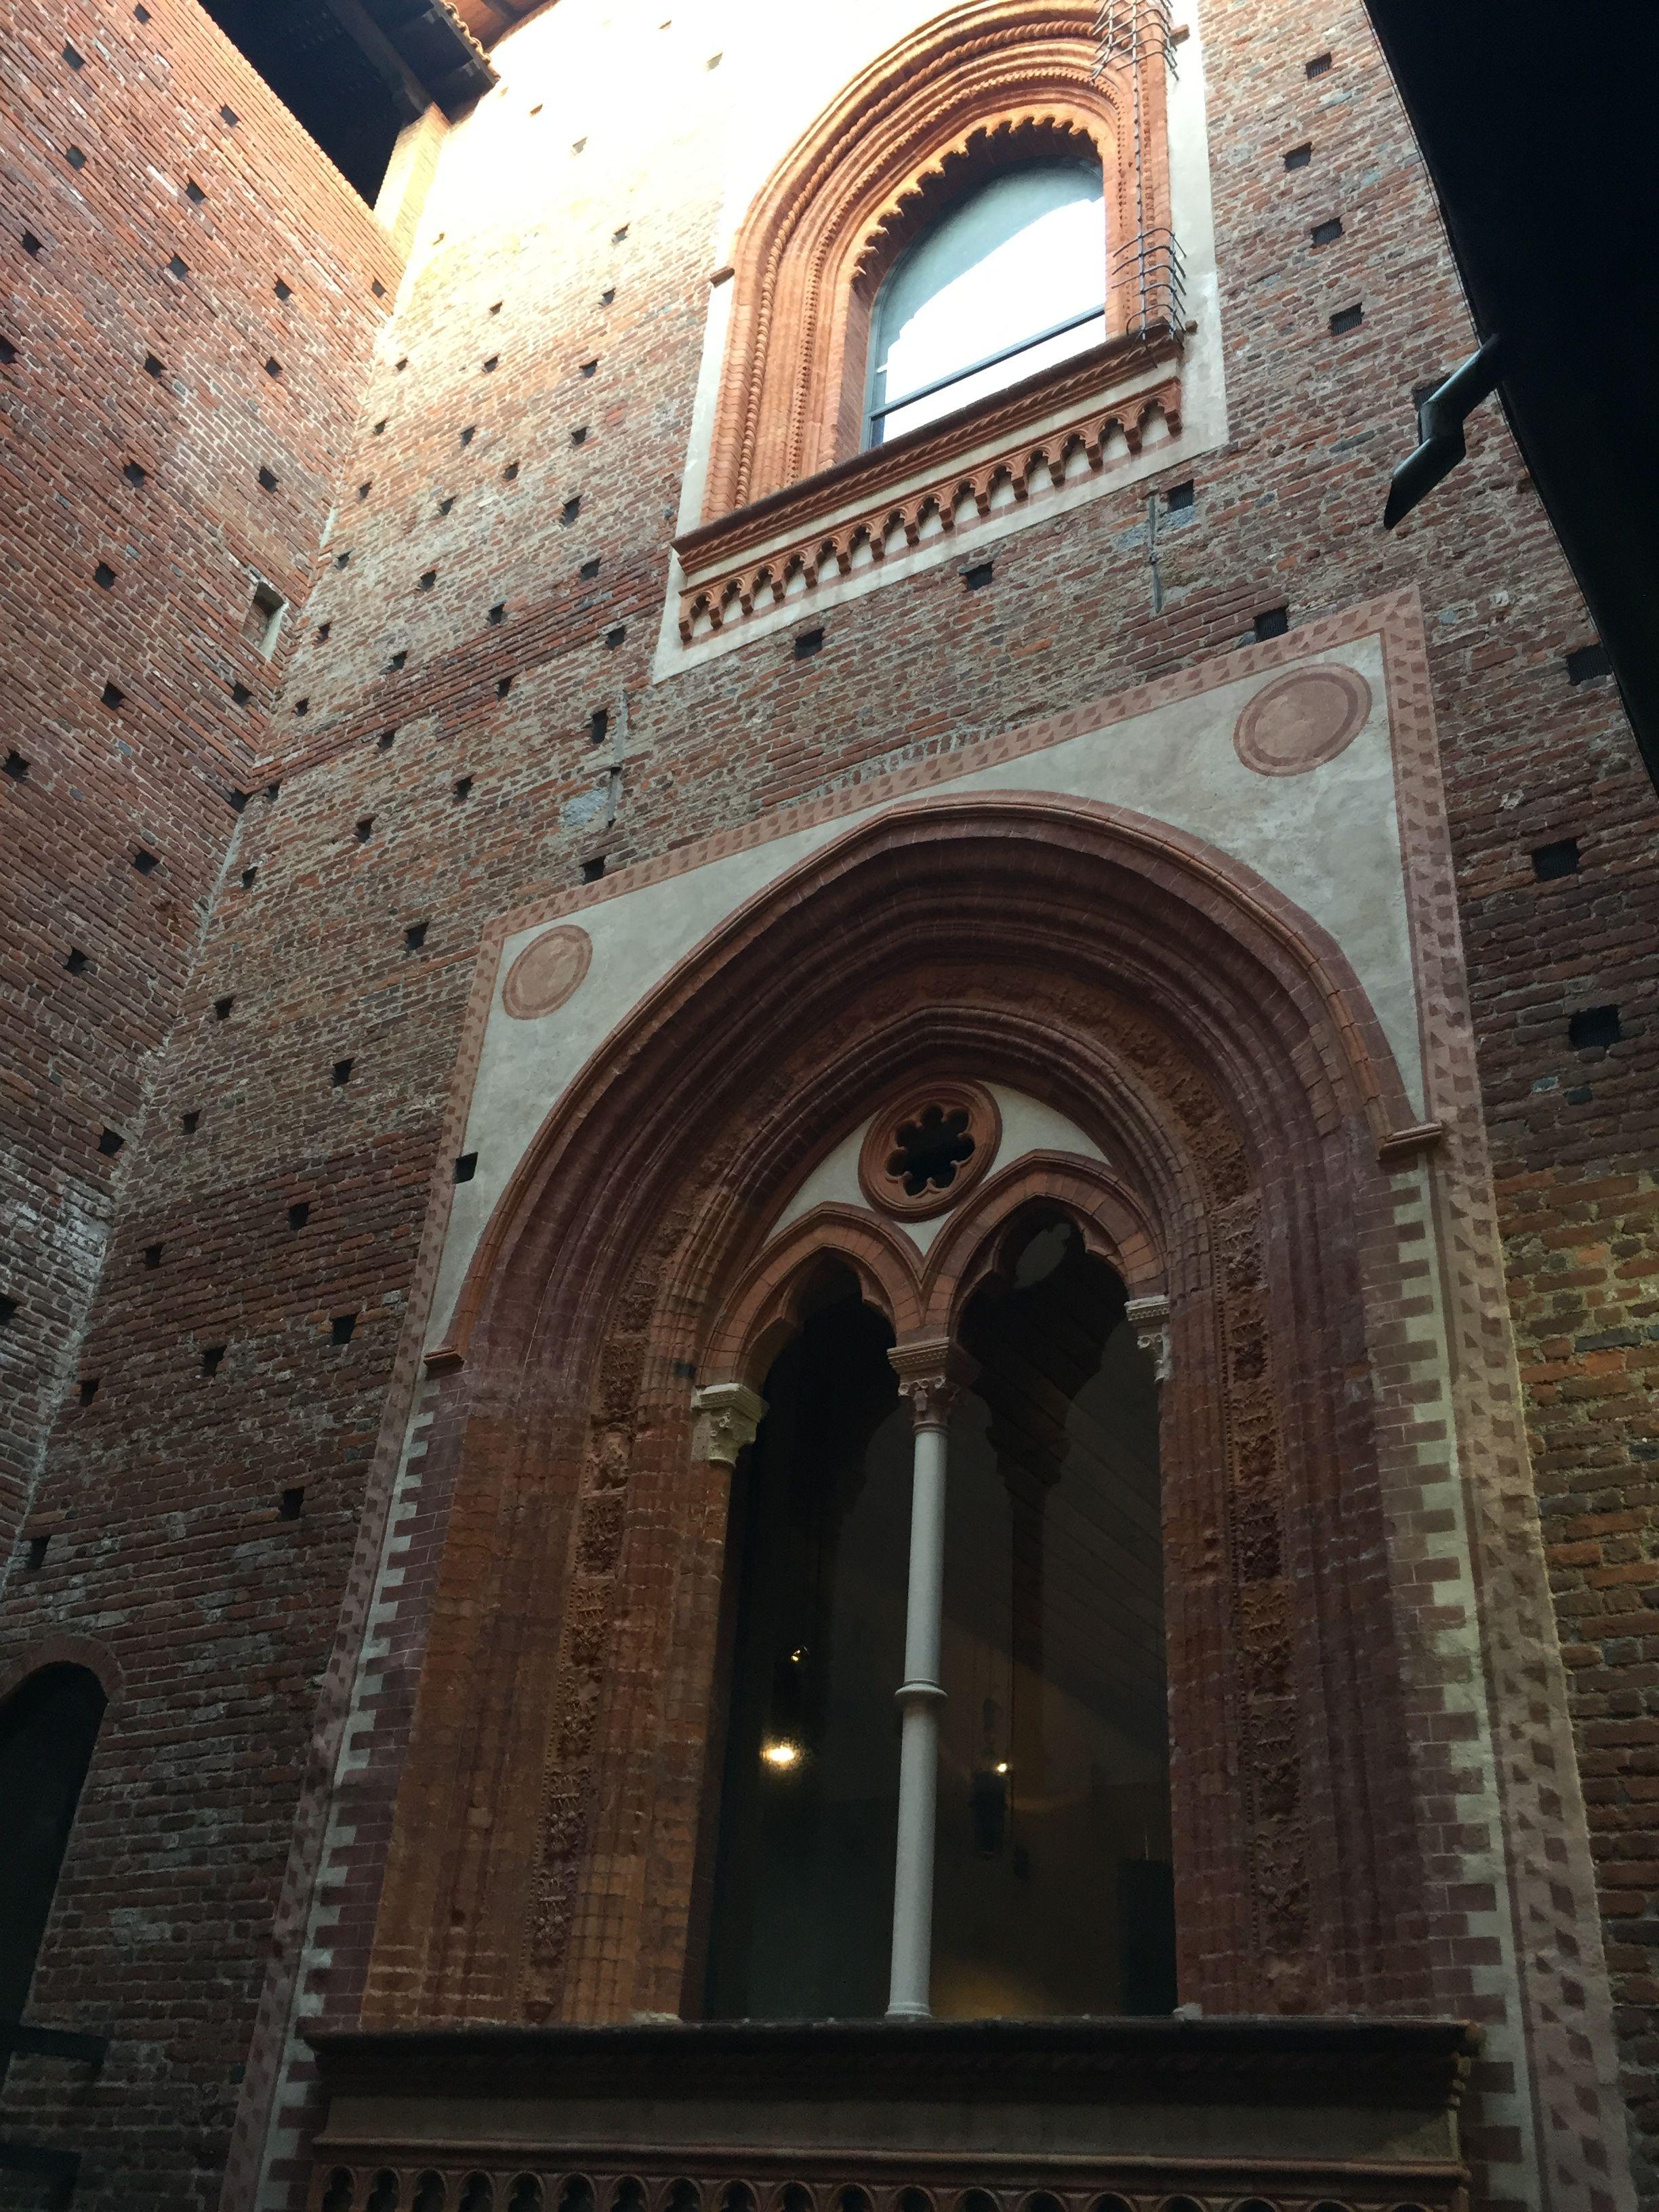 The Castello Sforzesco in Milan, Italy.